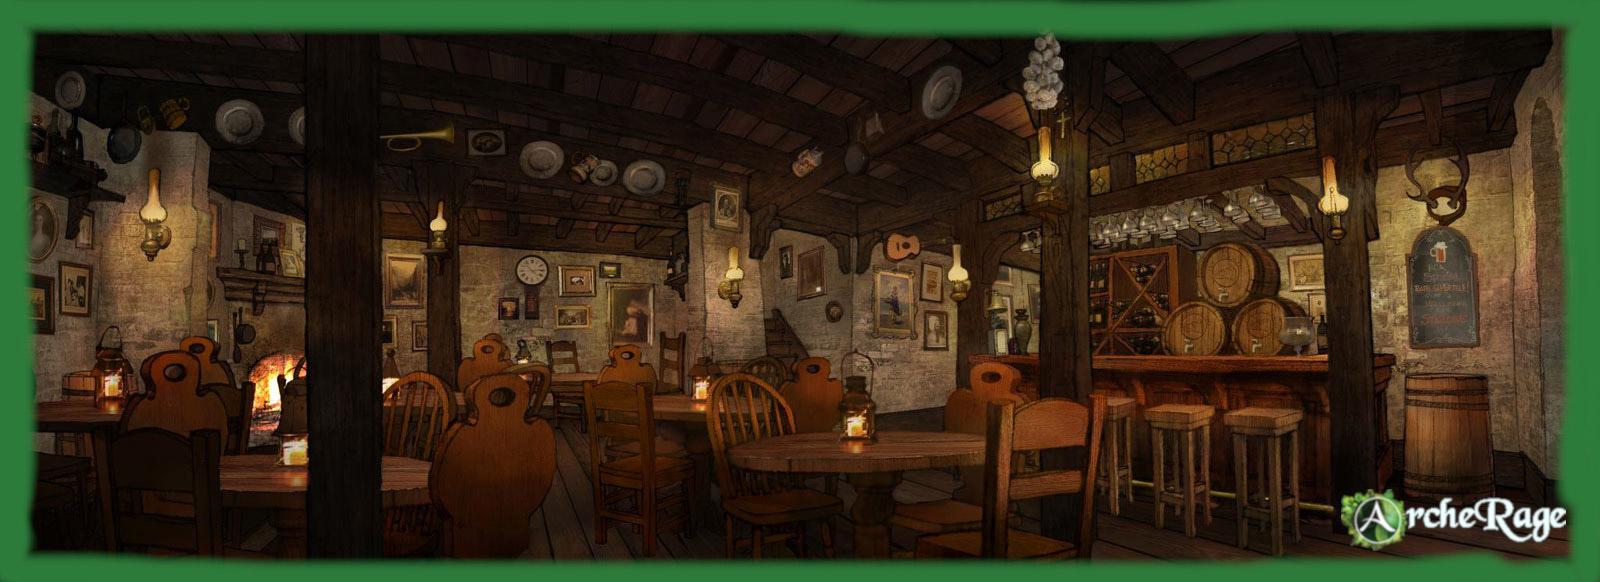 tavern pic.jpg